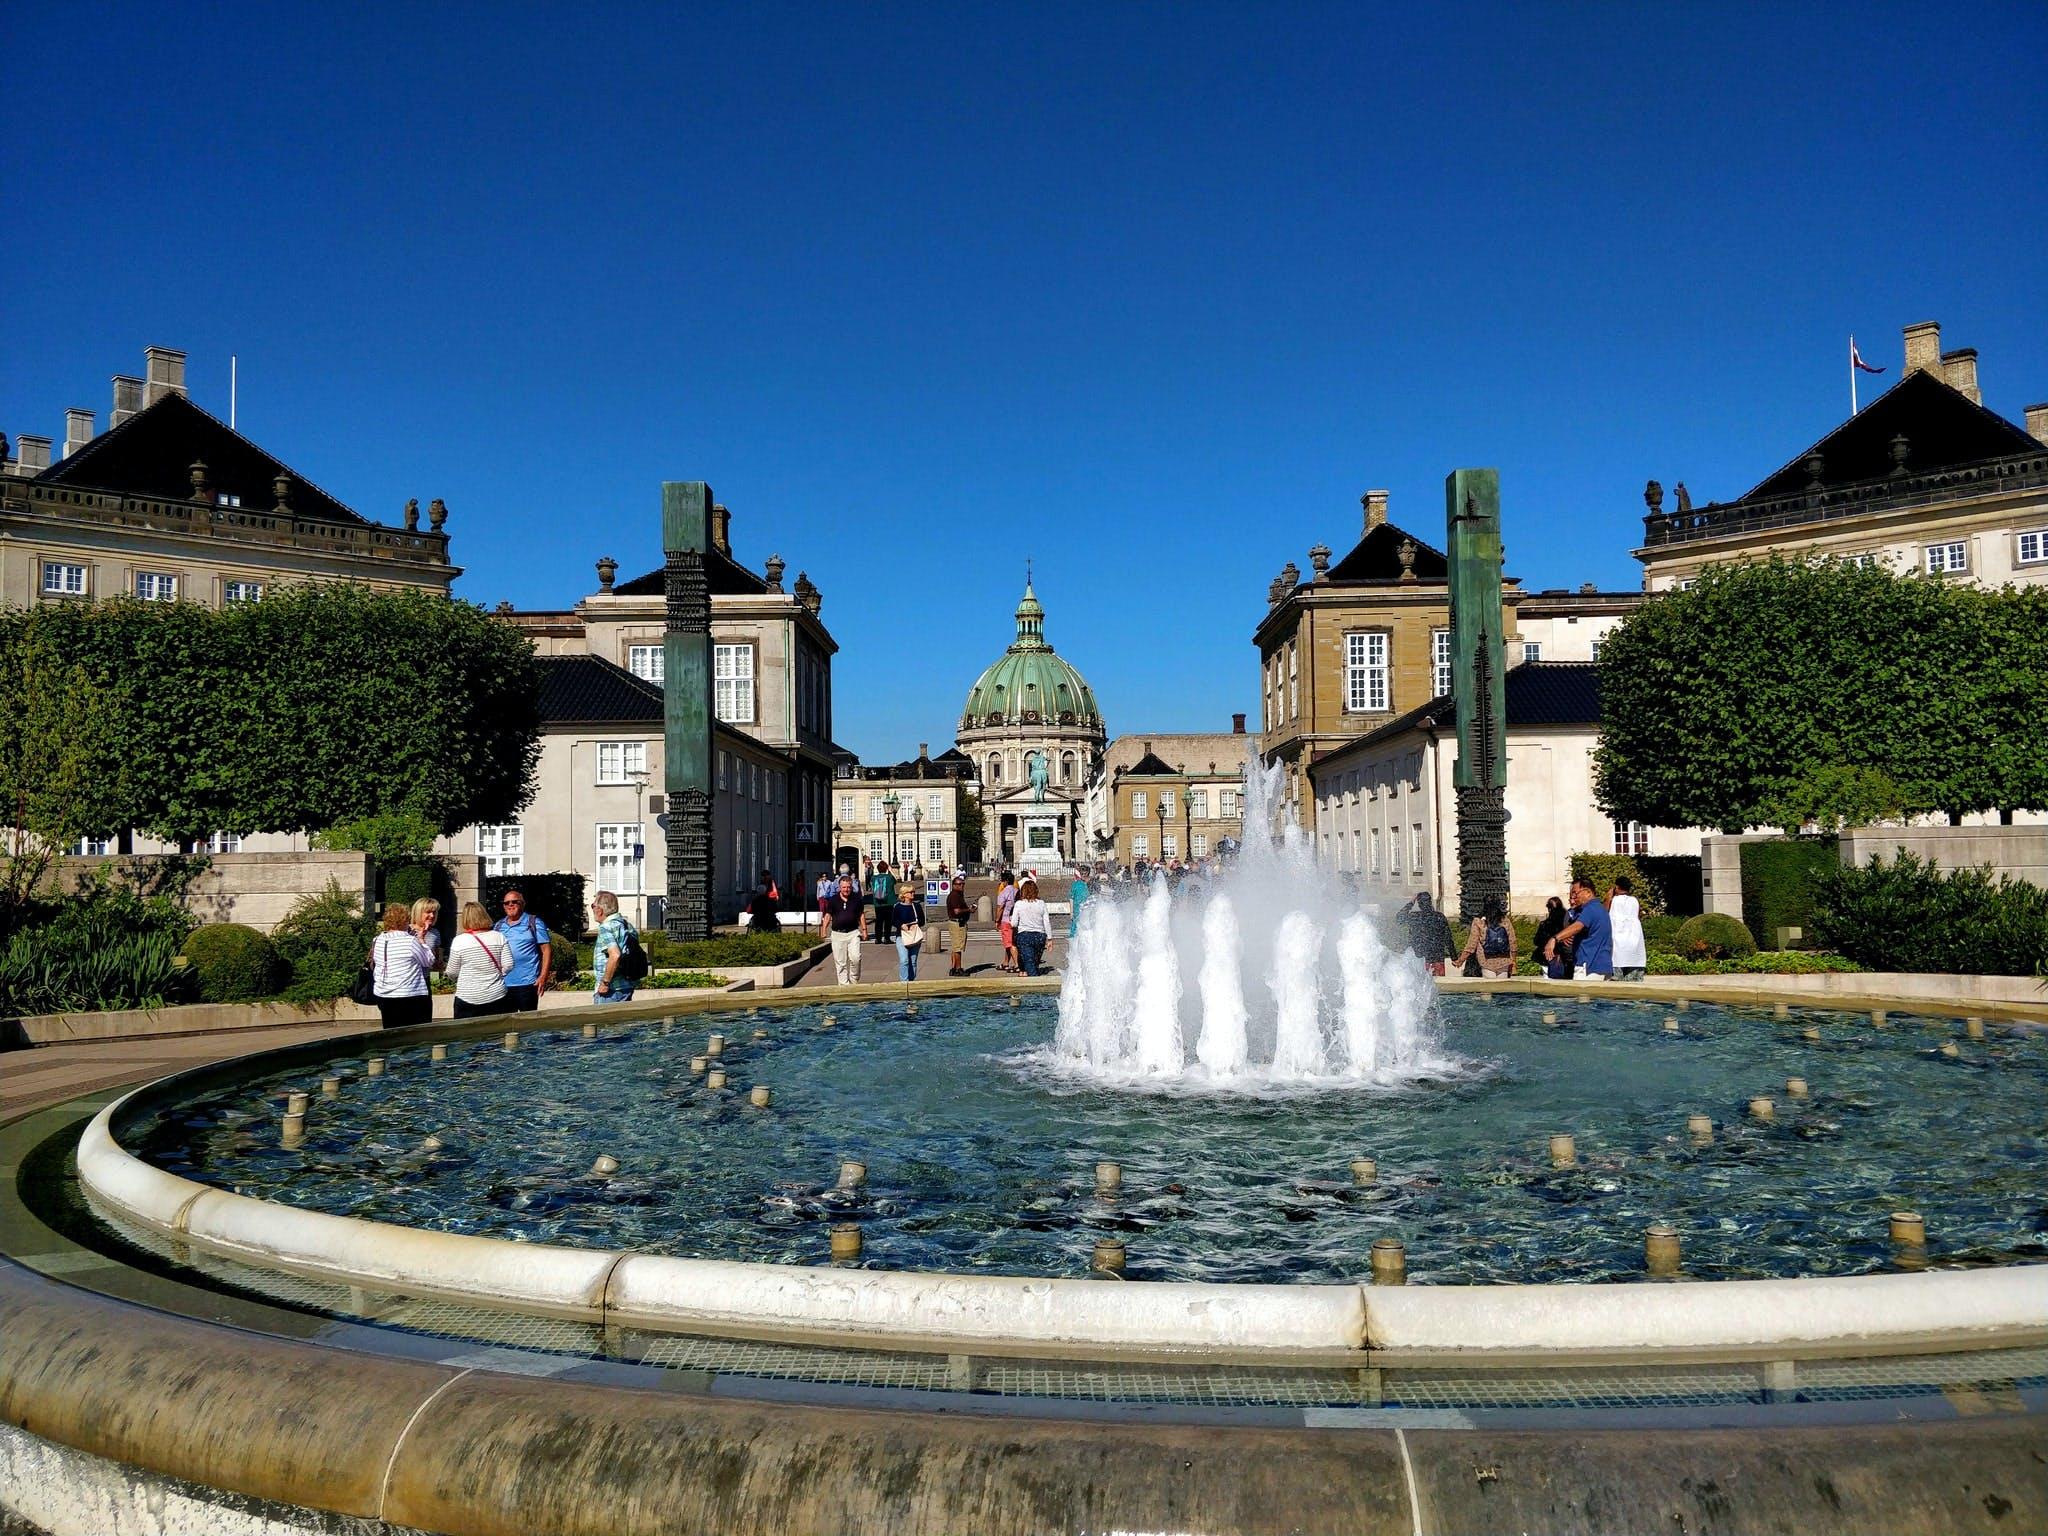 Ver la ciudad,Ver la ciudad,Tickets, museos, atracciones,Visitas en bici,Entradas a atracciones principales,